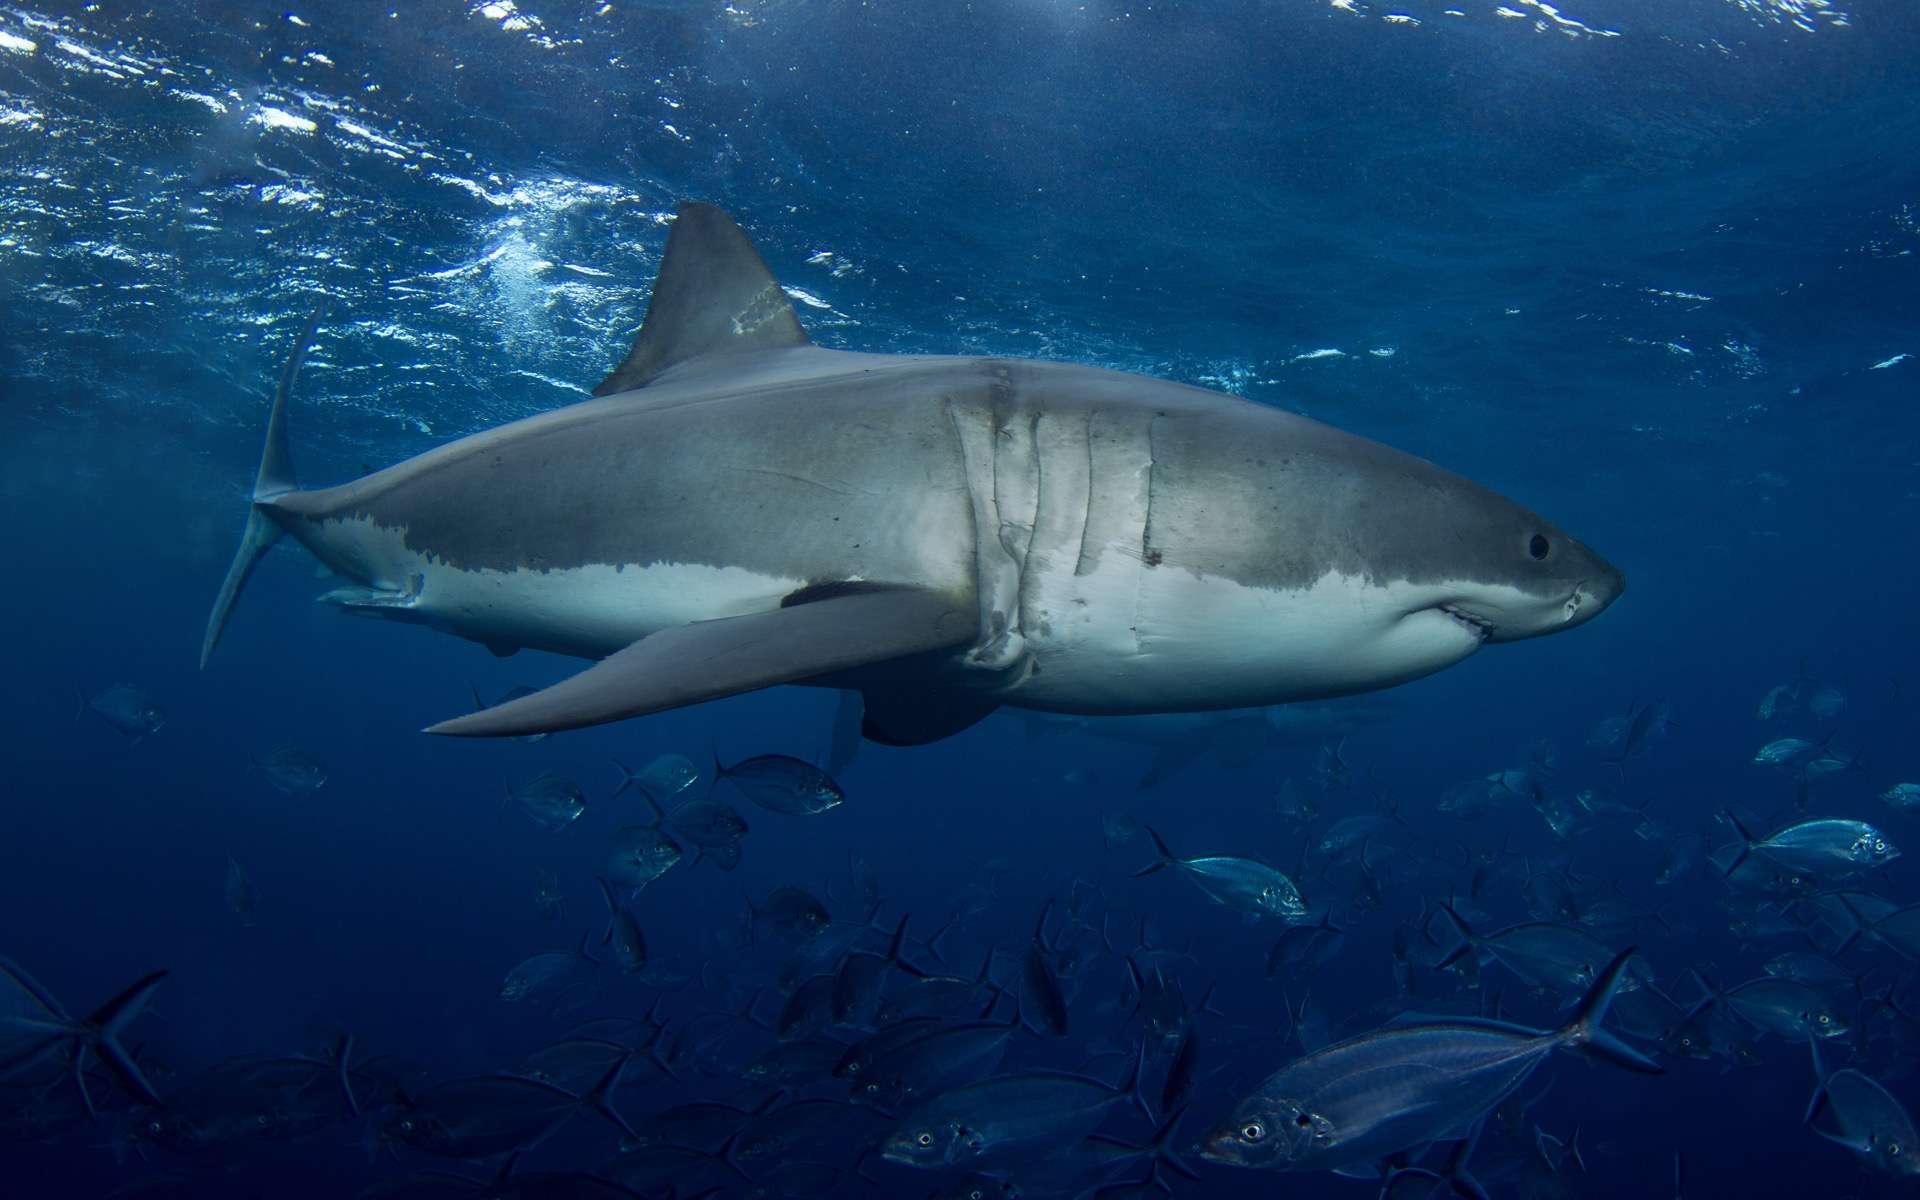 Les requins sont capables d'utiliser le champ magnétique terrestre pour se repérer. © Ryan, Adobe Stock